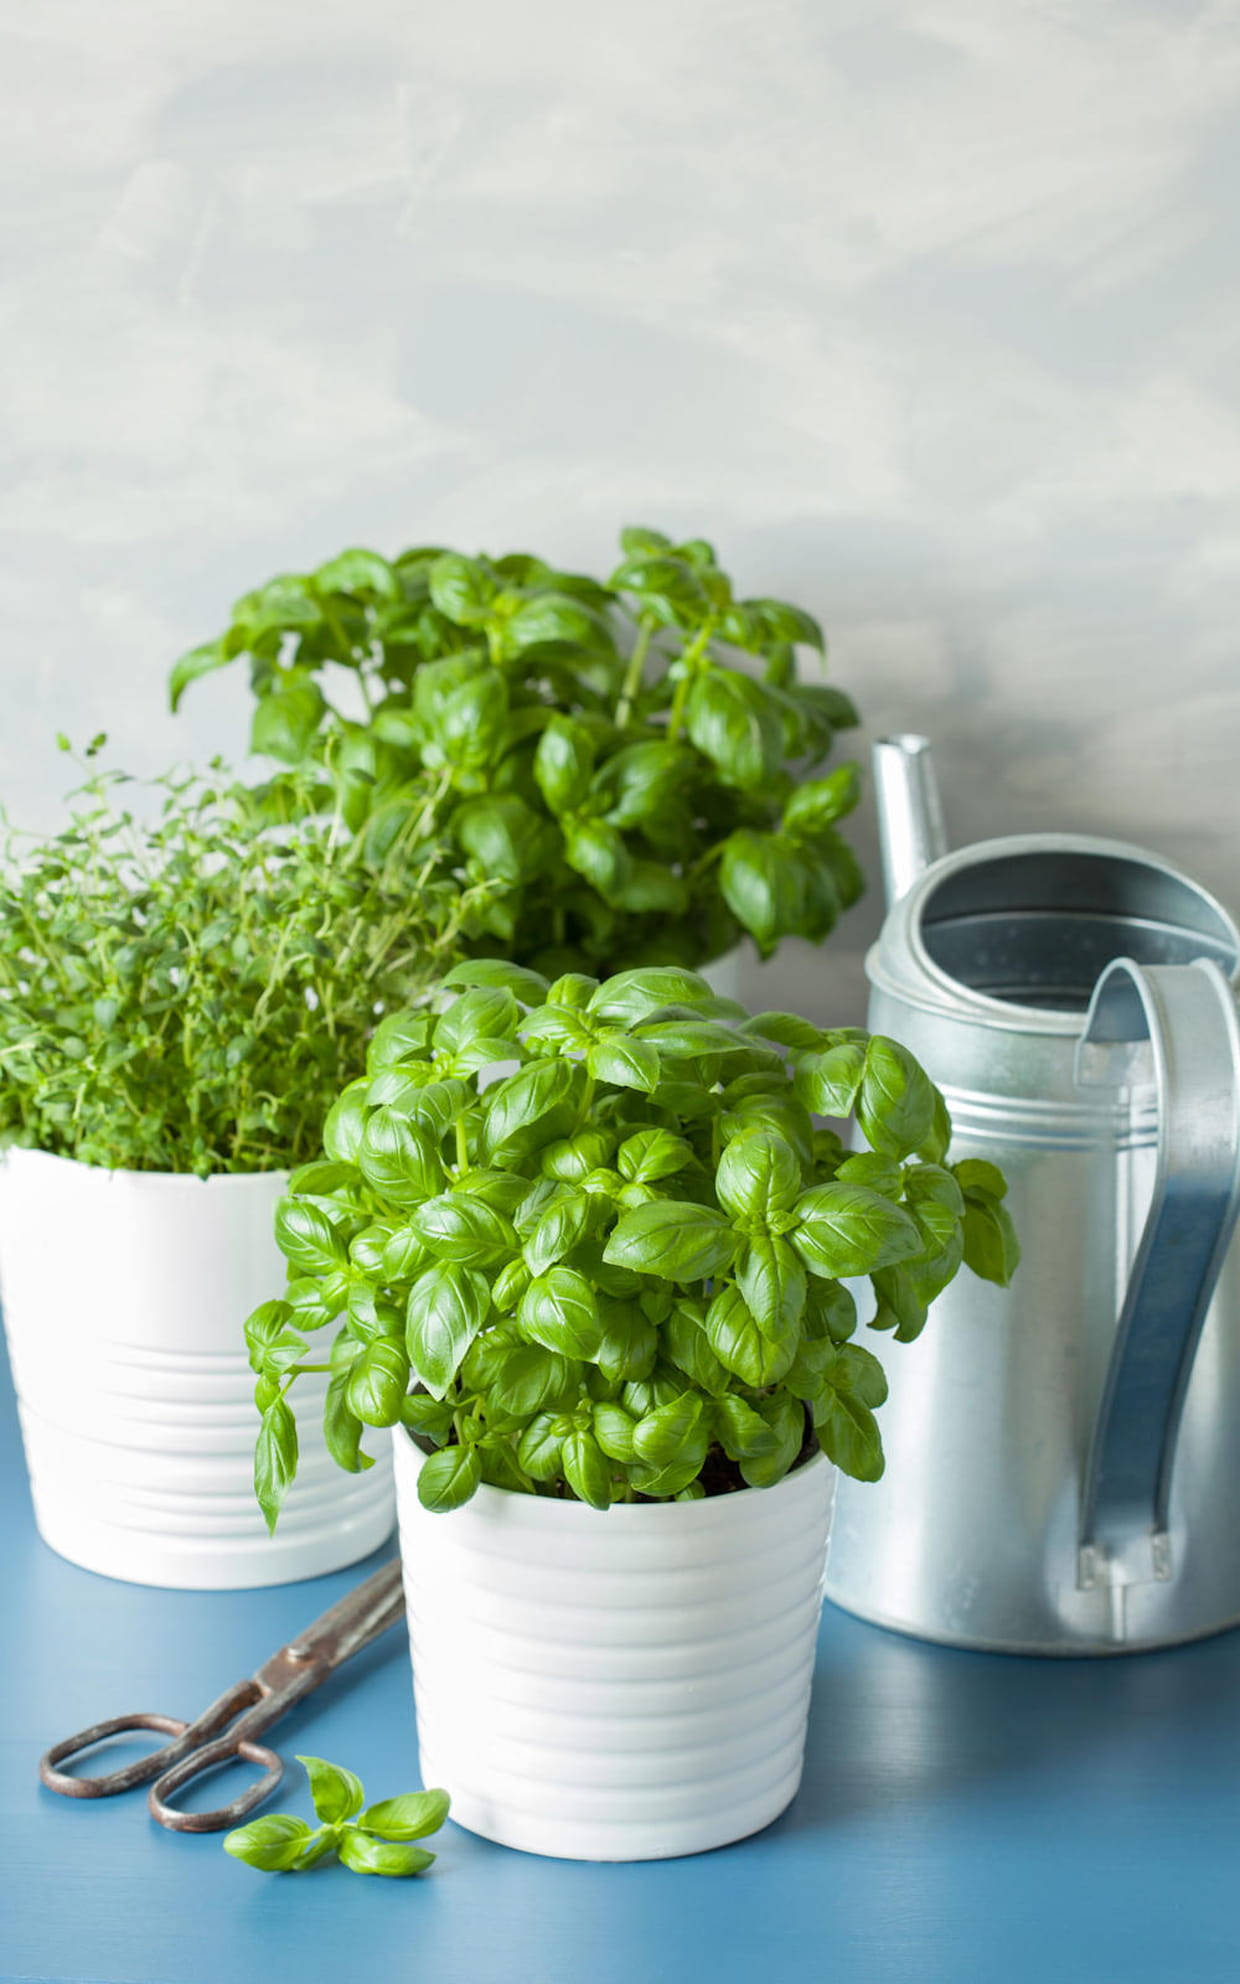 Comment Bien Faire Pousser Du Basilic conseils pour faire pousser et entretenir des plantes